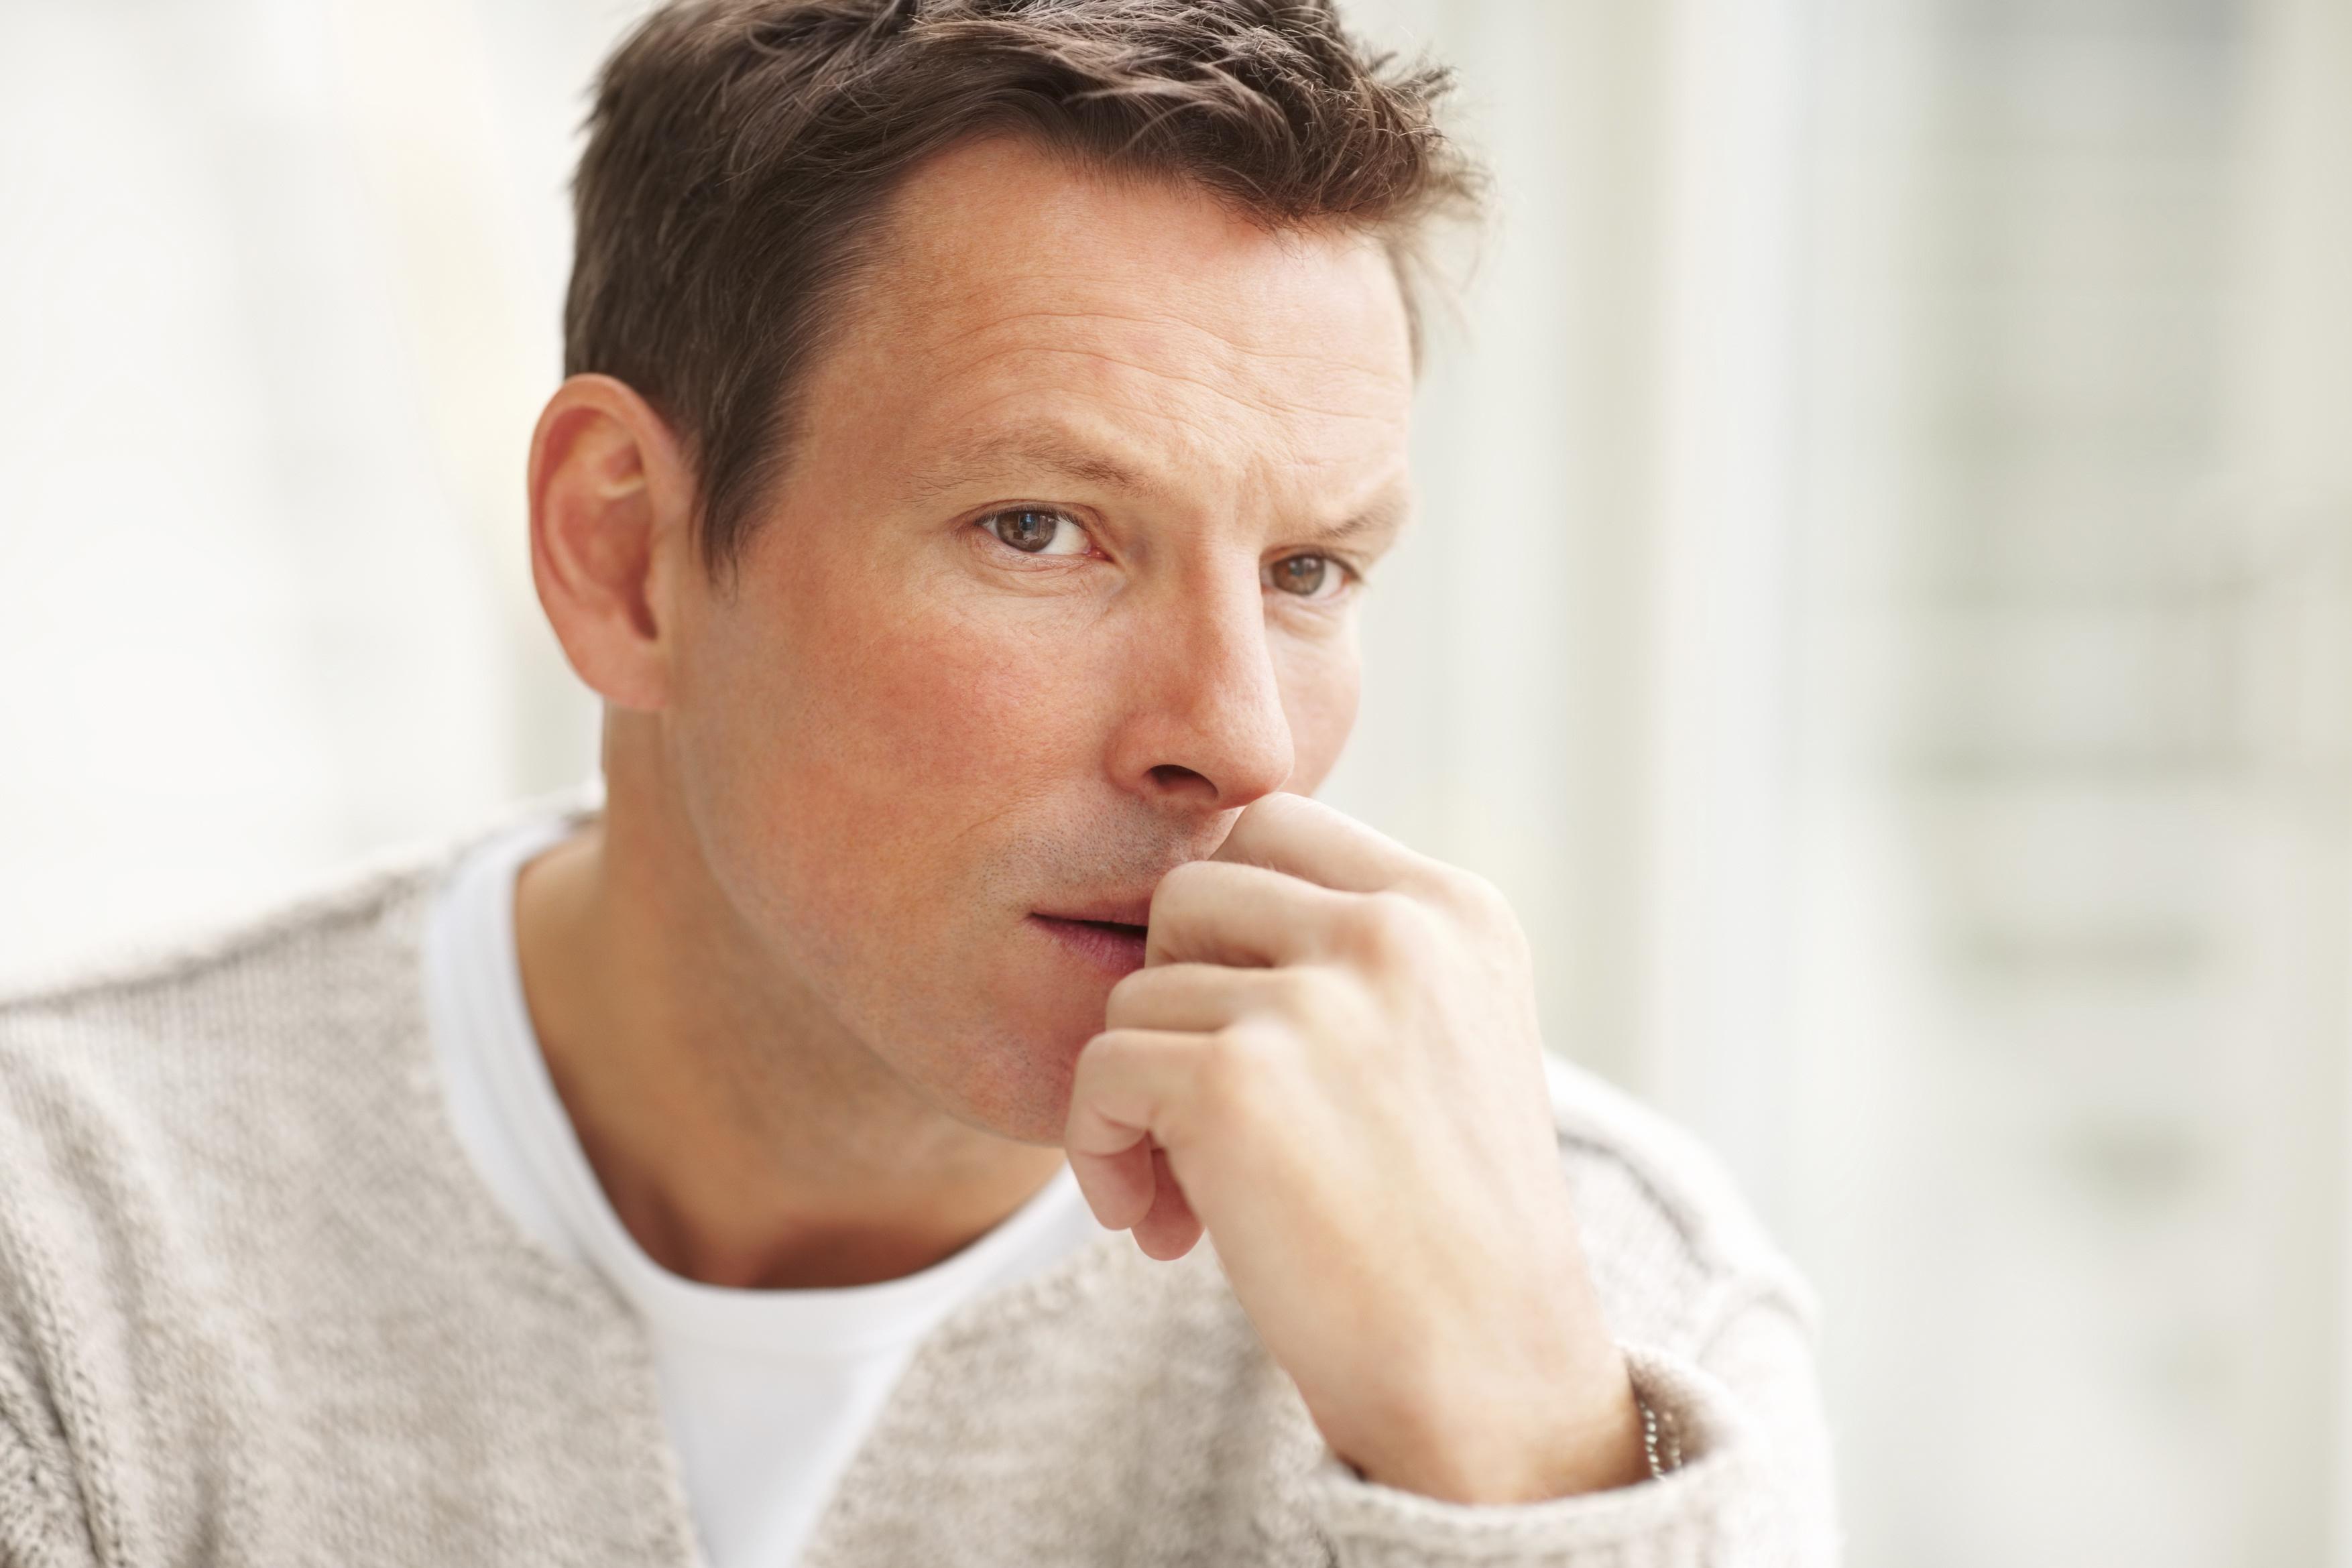 Prostat Nedir? Prostat Kanseri Belirtileri Nelerdir?